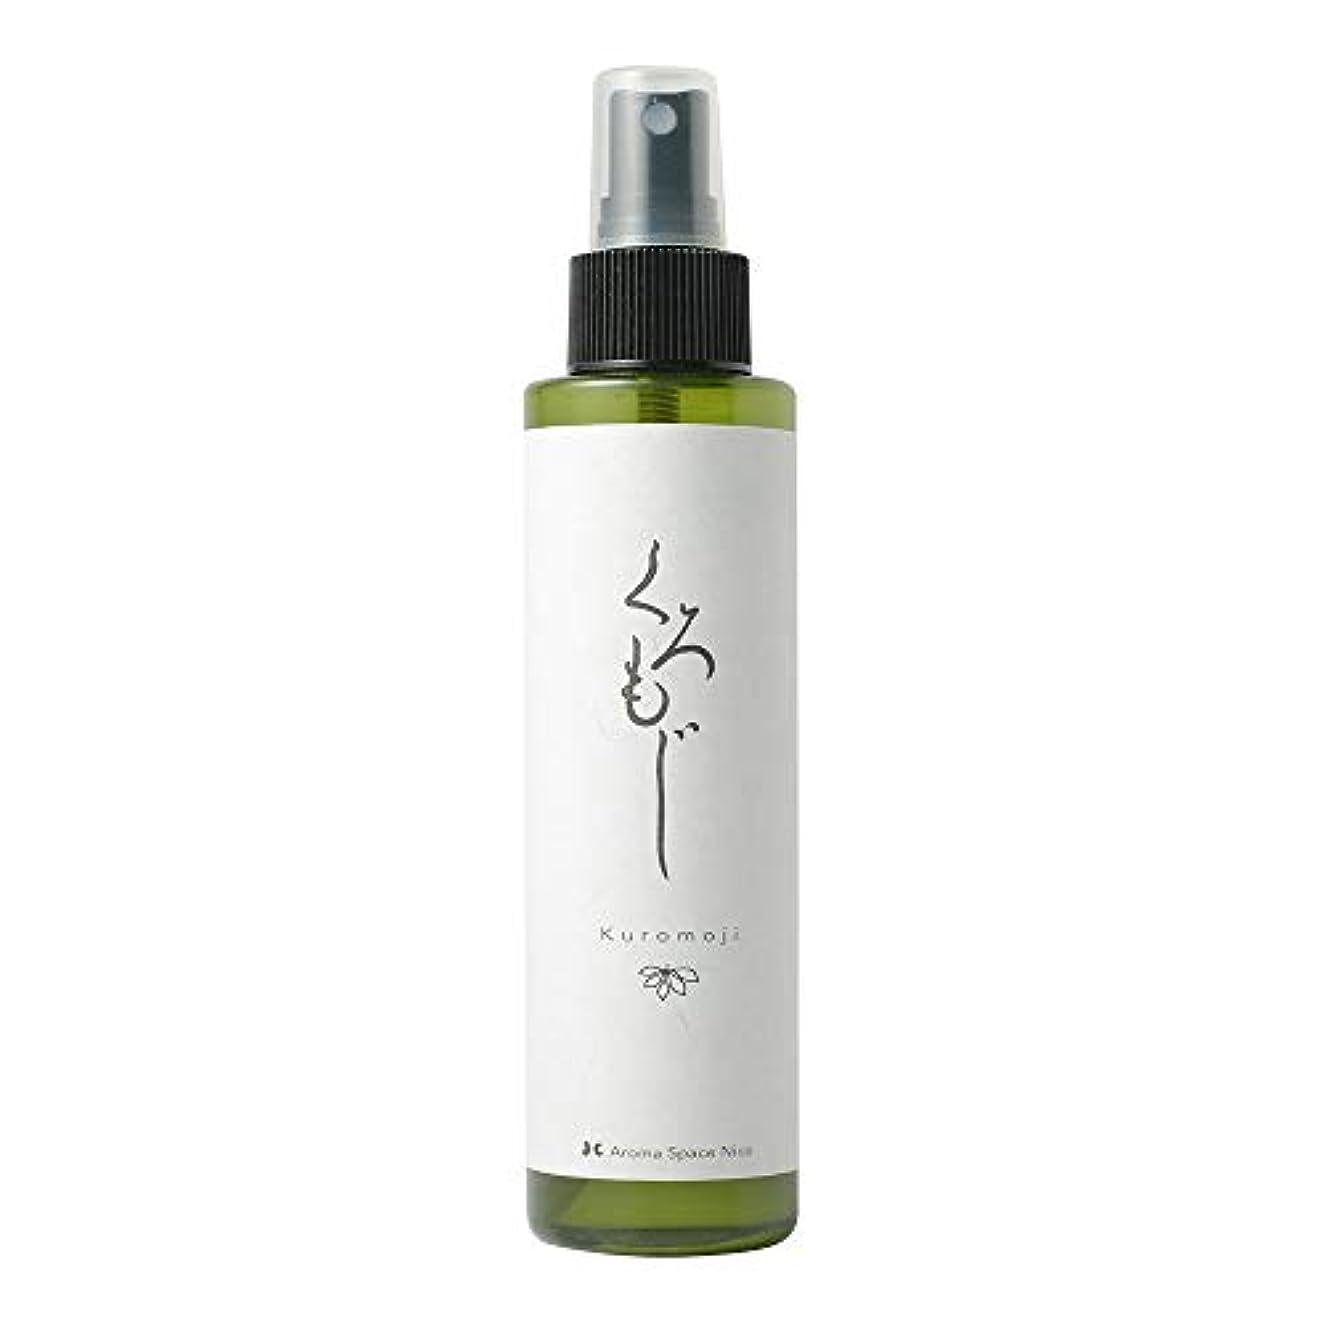 驚イノセンス推進無添加 さっぱり 化粧水 [NICOクロモジハーブウォーター(150ml)] 敏感肌 ミスト 天然成分100% 心が和む和の香り …